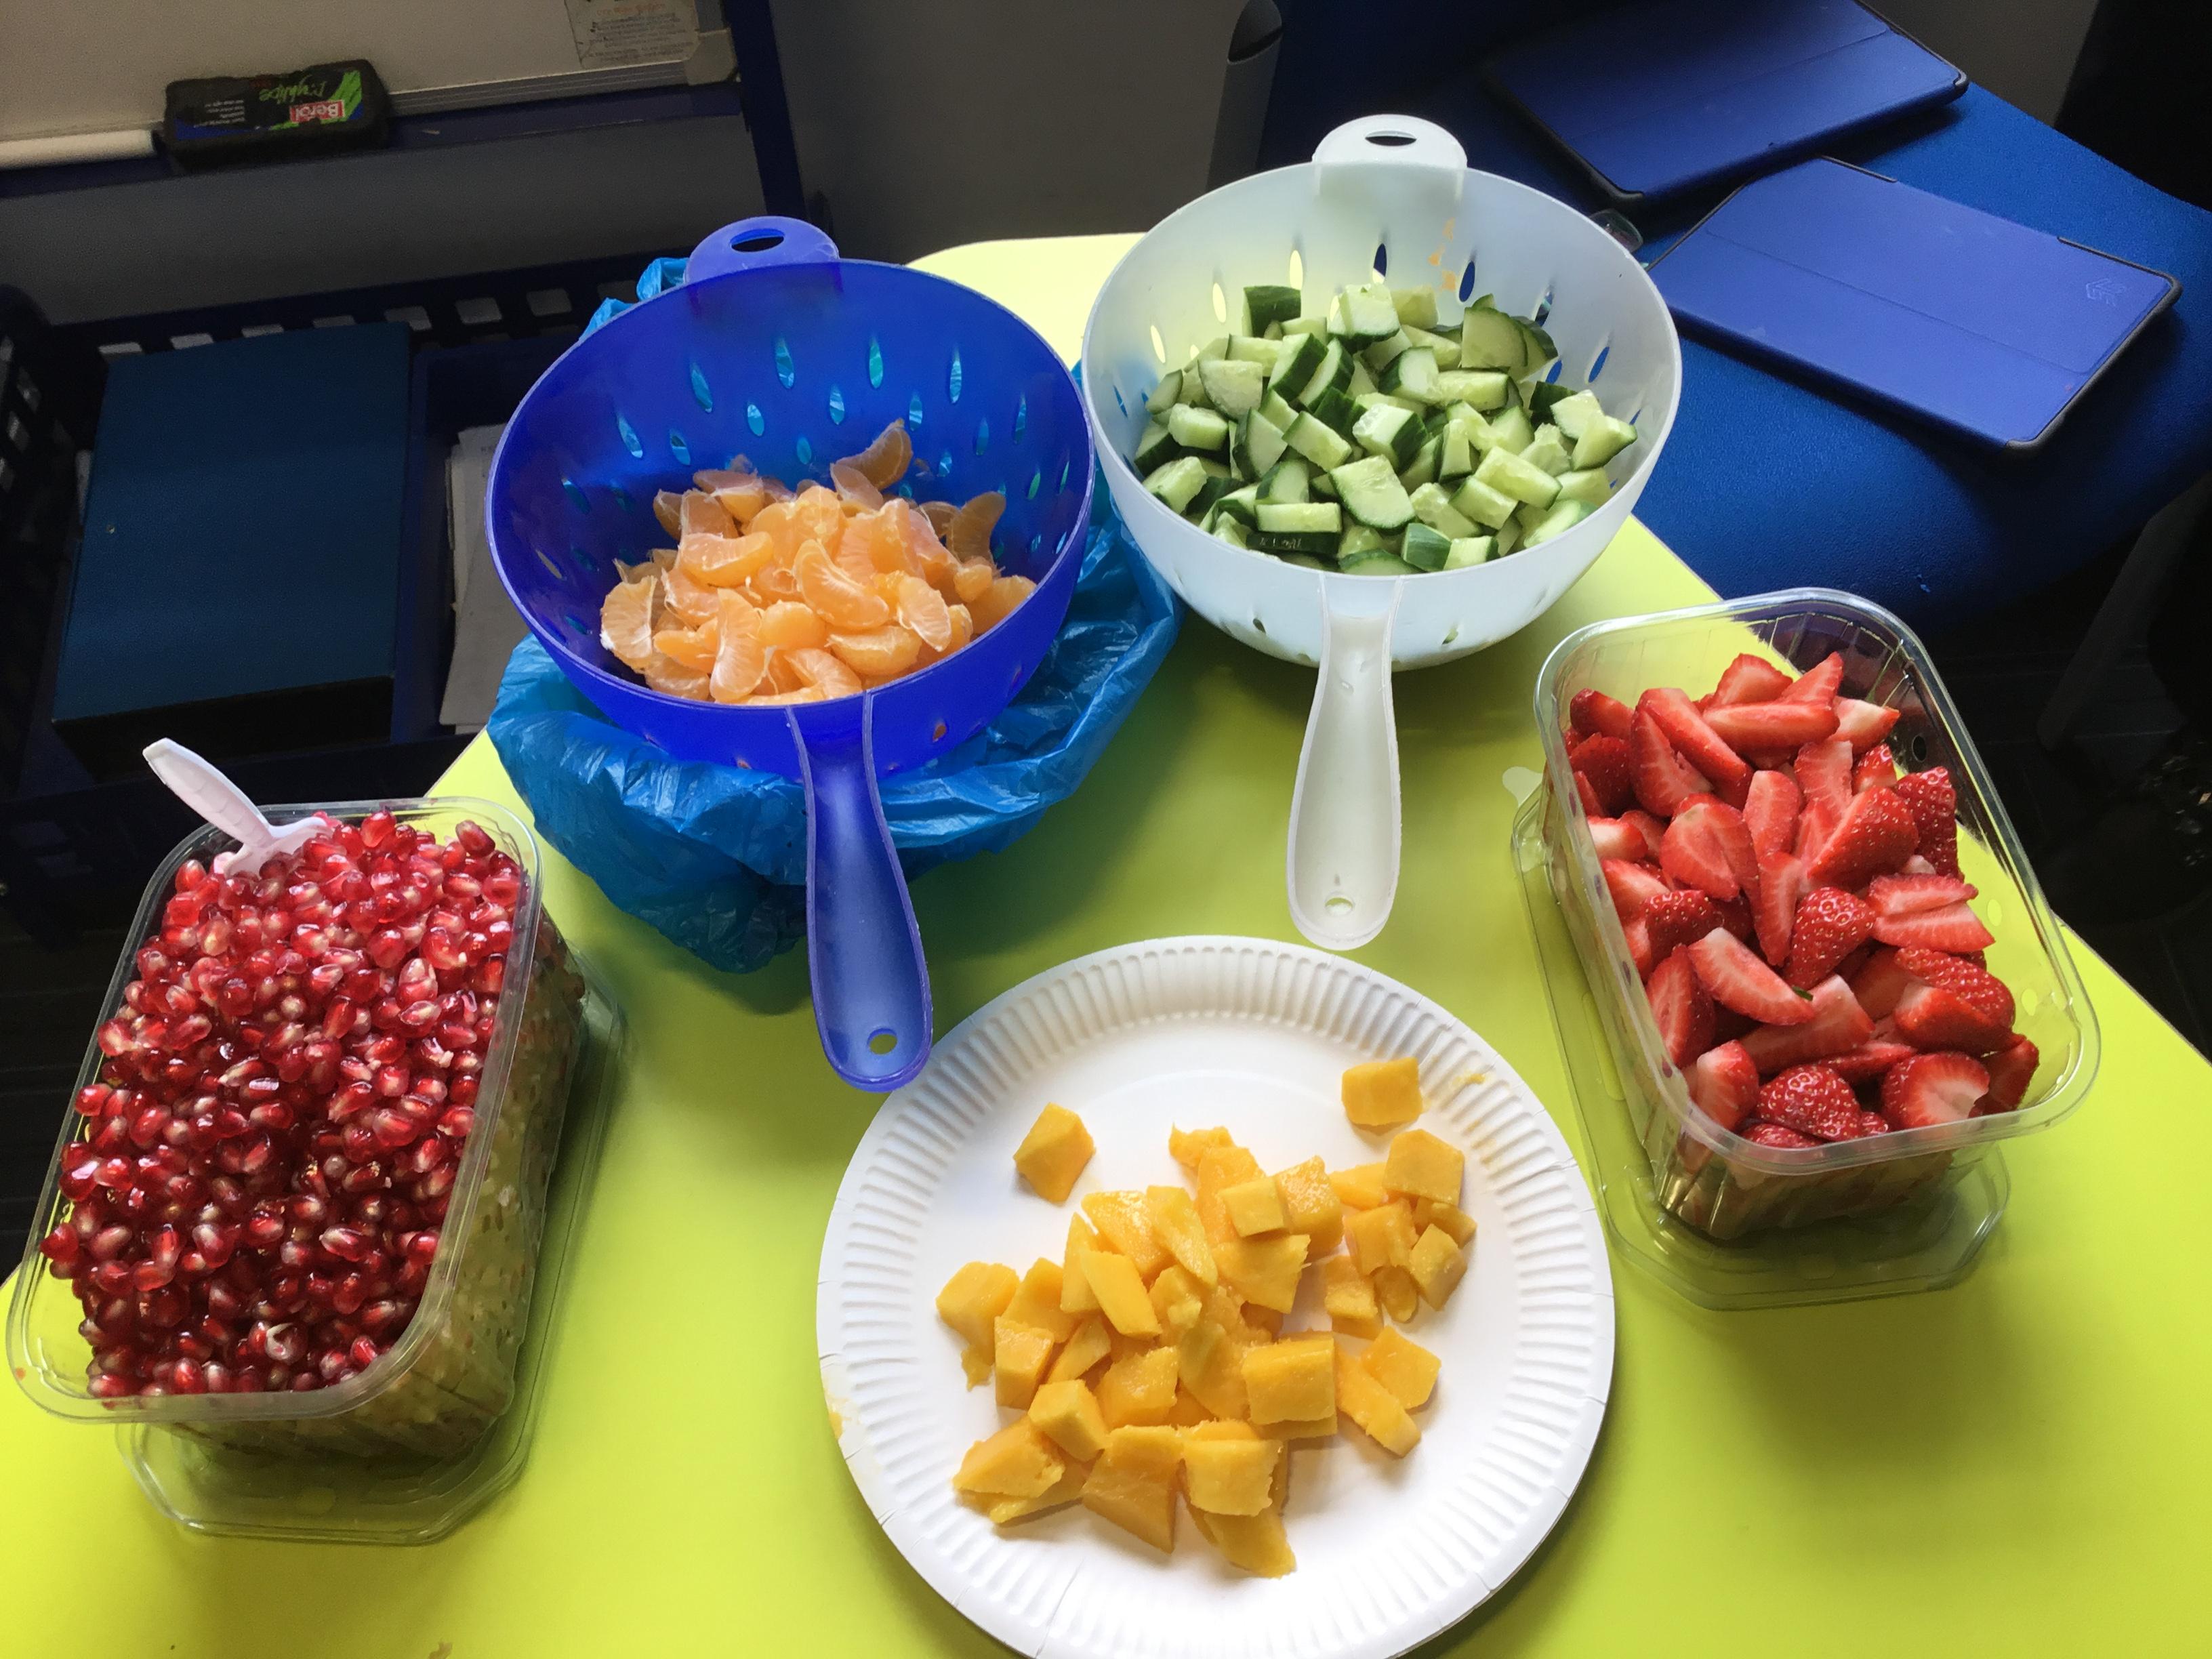 Healthy Eating Week in Year 5